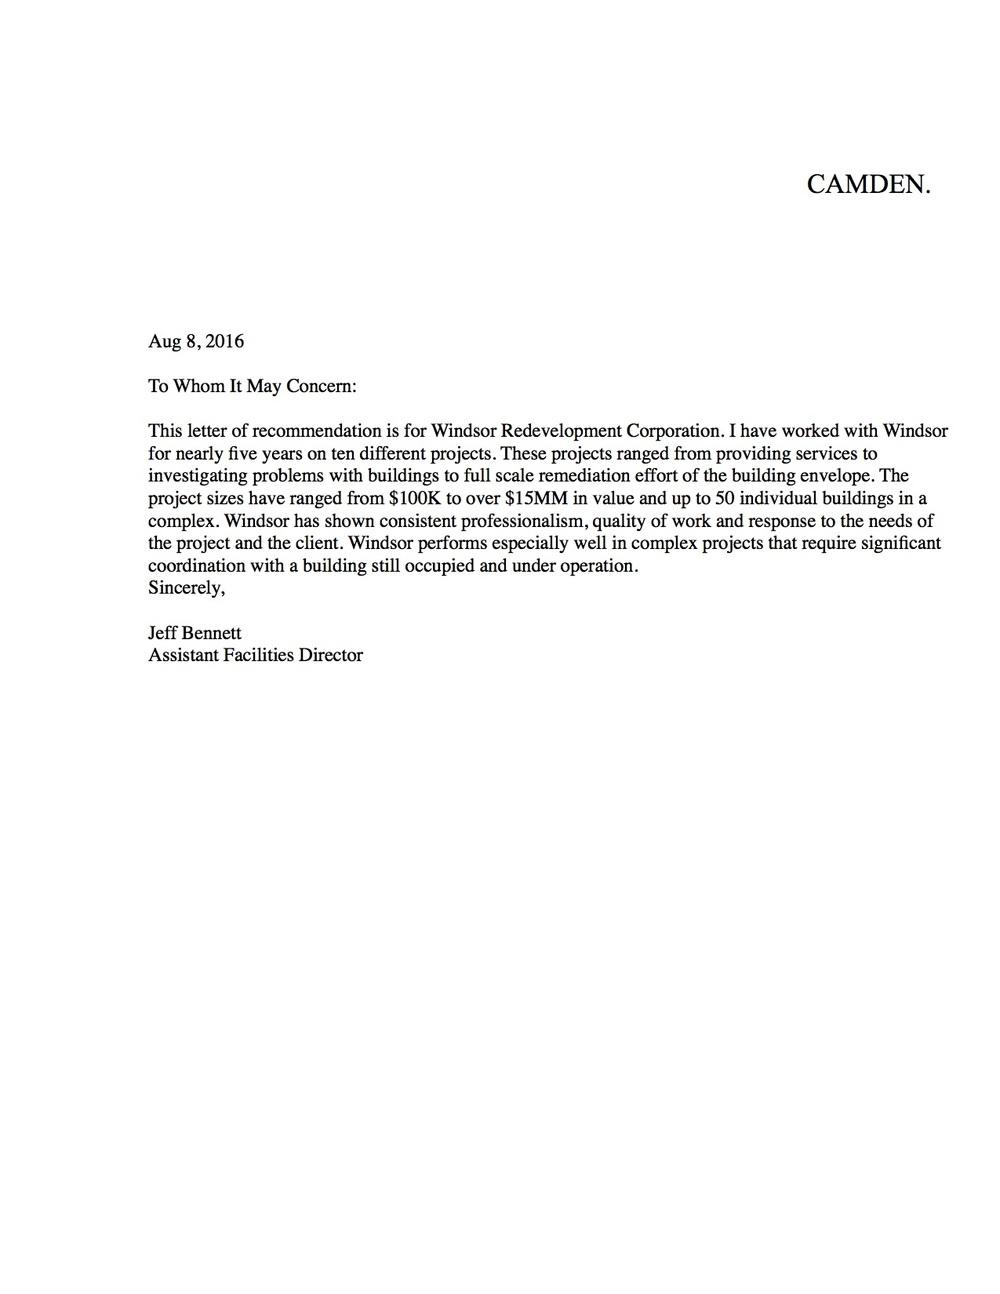 Windsor Letter.jpg